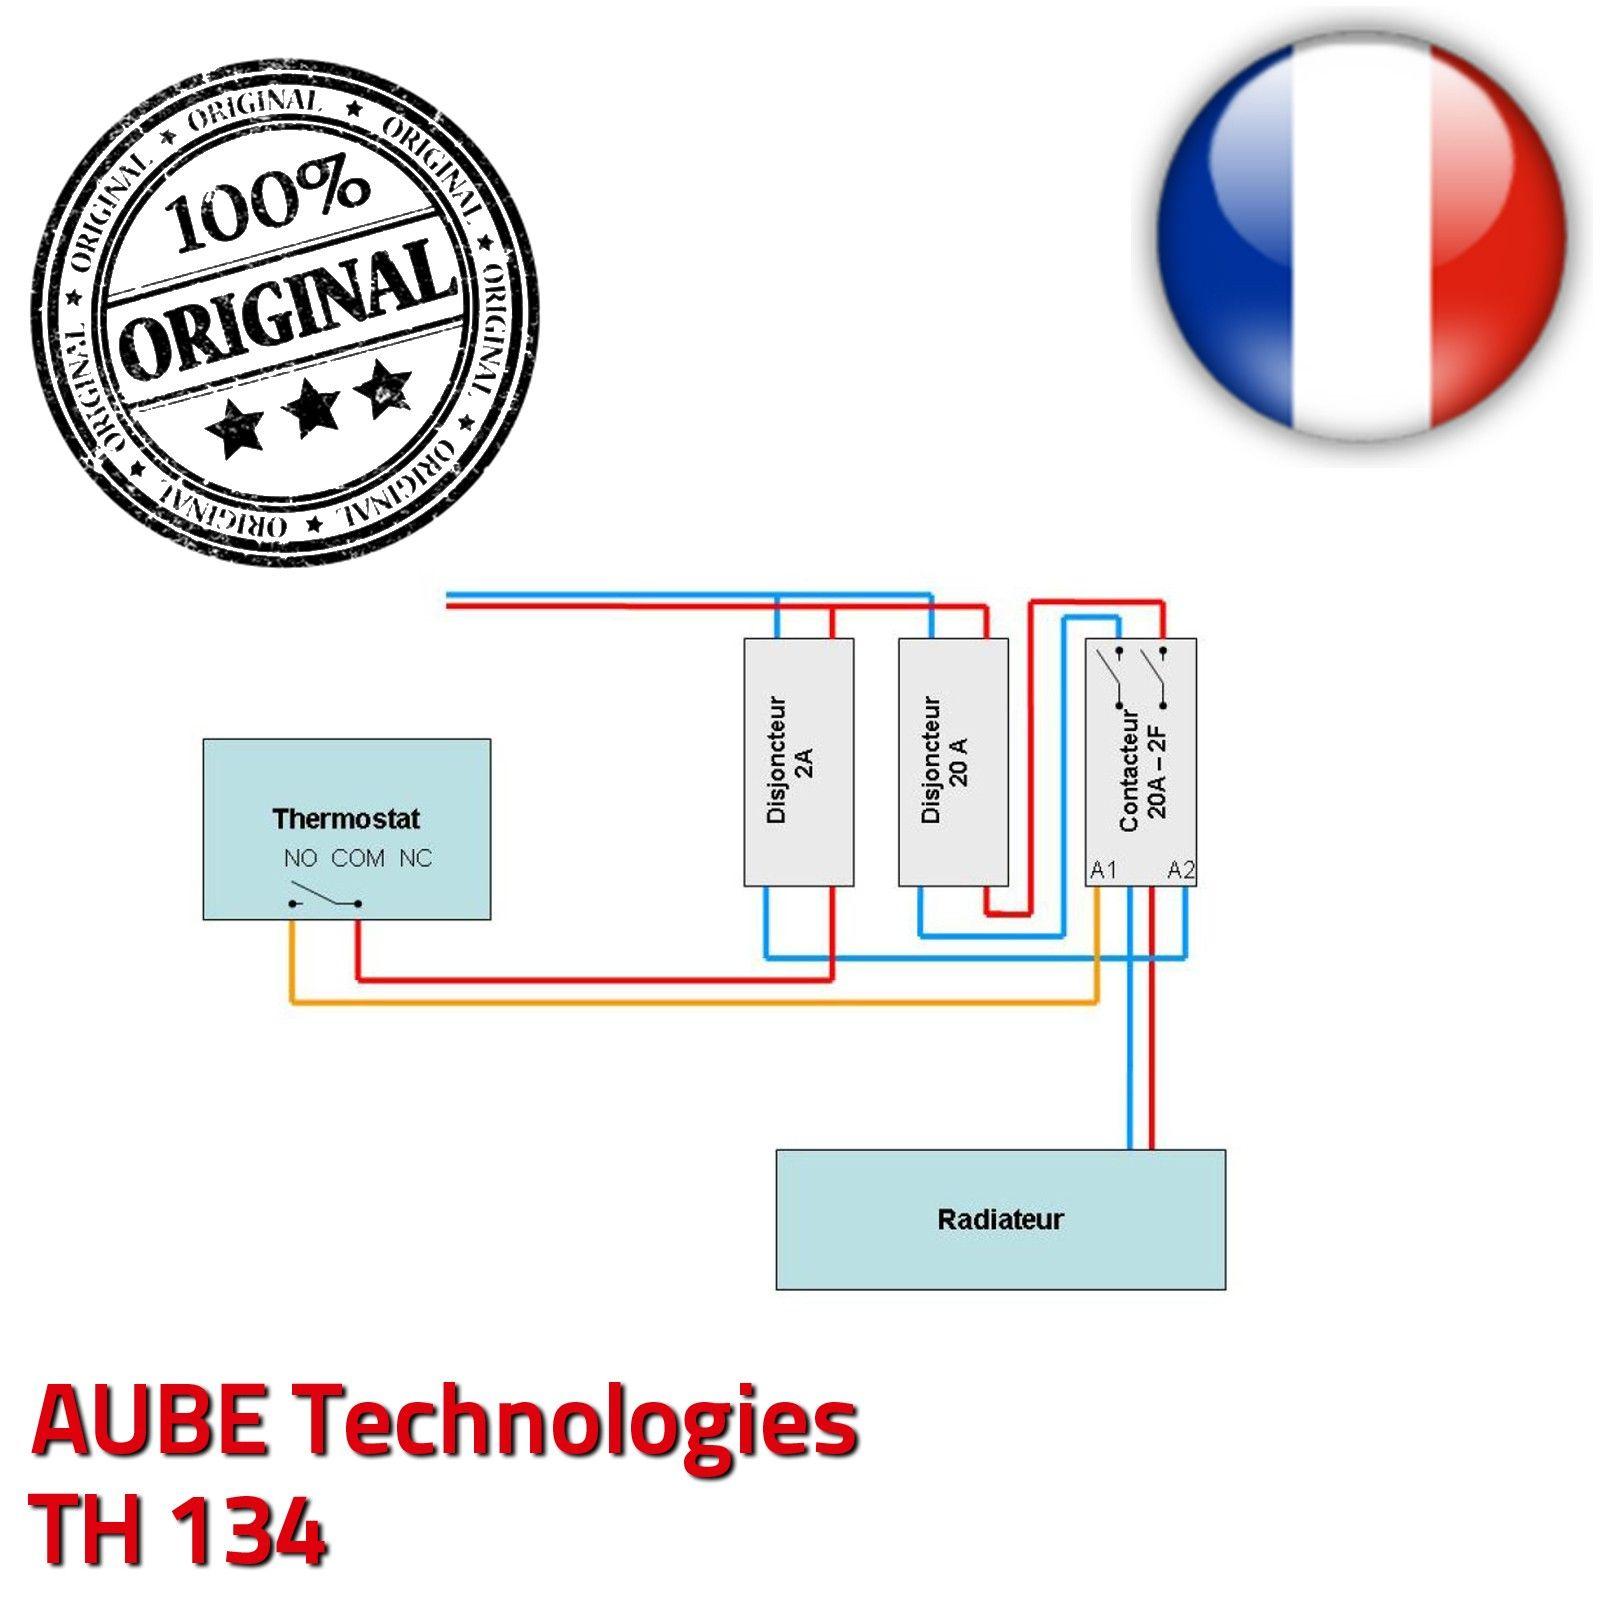 Programmateur 3 zones fil pilote aube th134 lectronique horaire pr programm commande chauffage for Programmateur chauffage electrique fil pilote zones